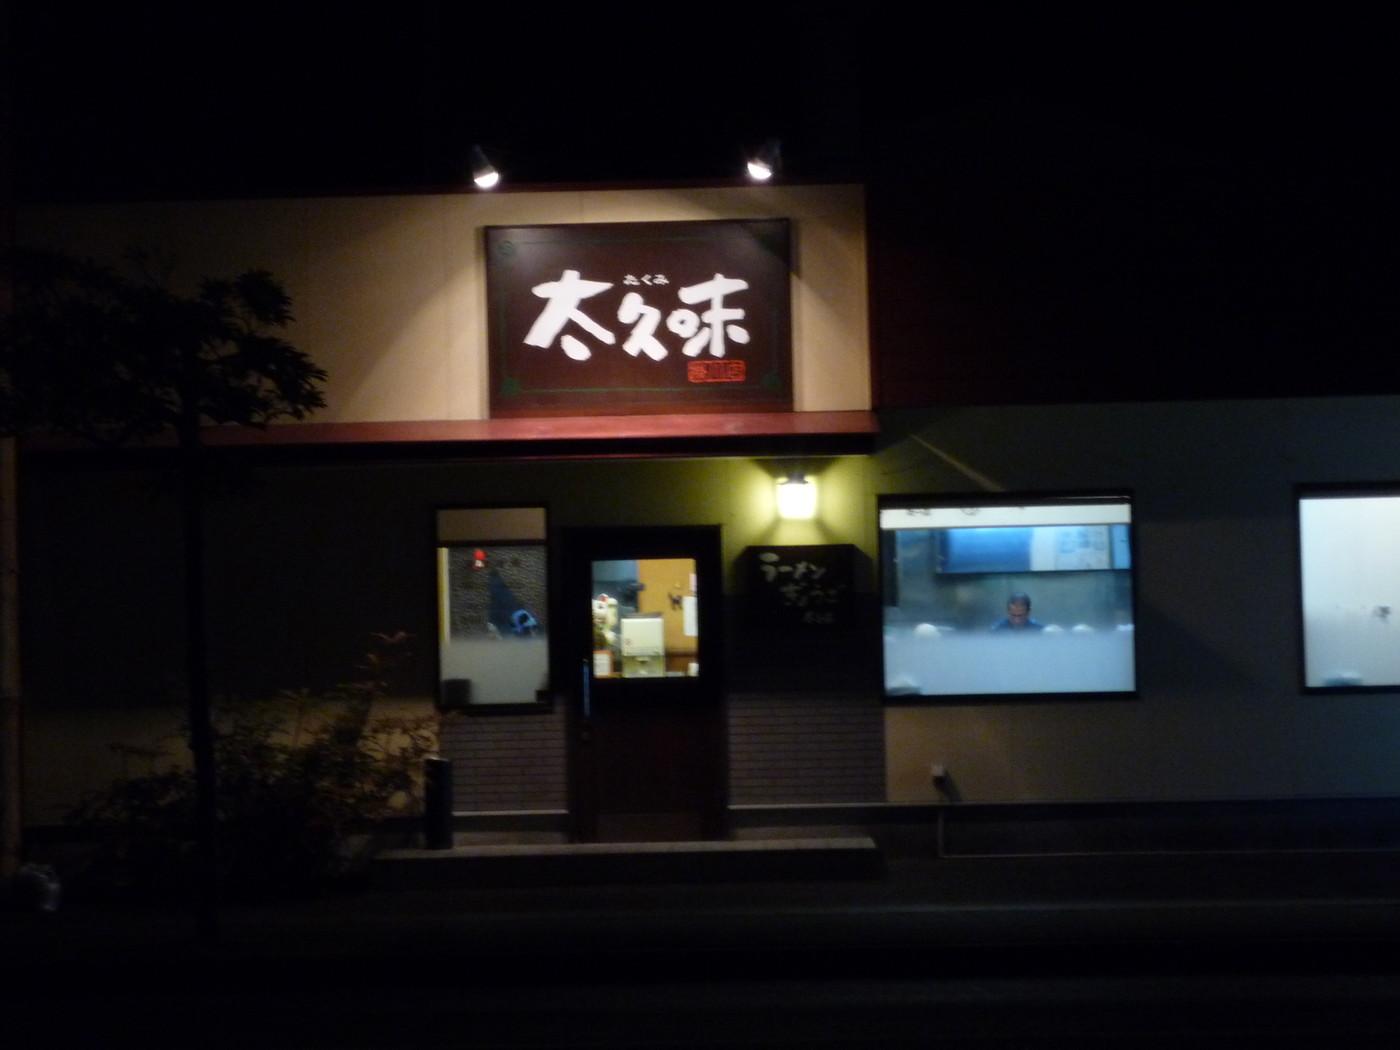 太久味 name=